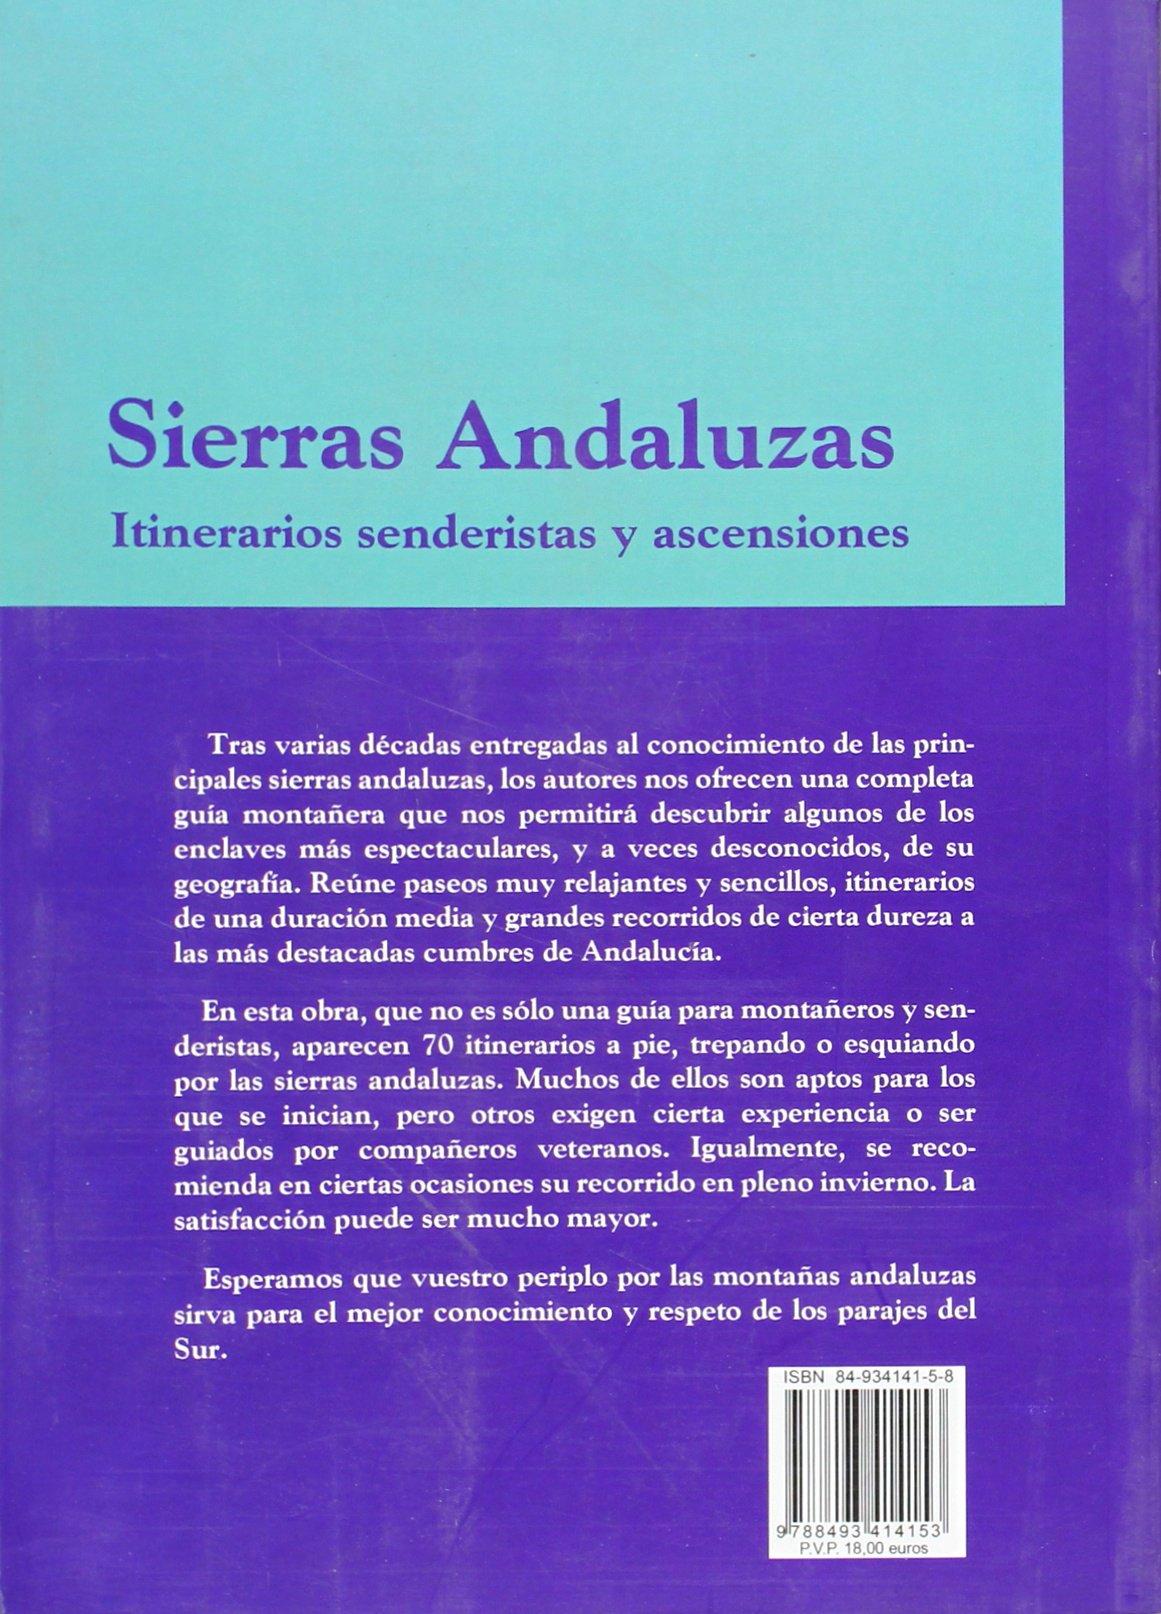 Sierras andaluzas - itinerarios senderistas y ascensiones ...